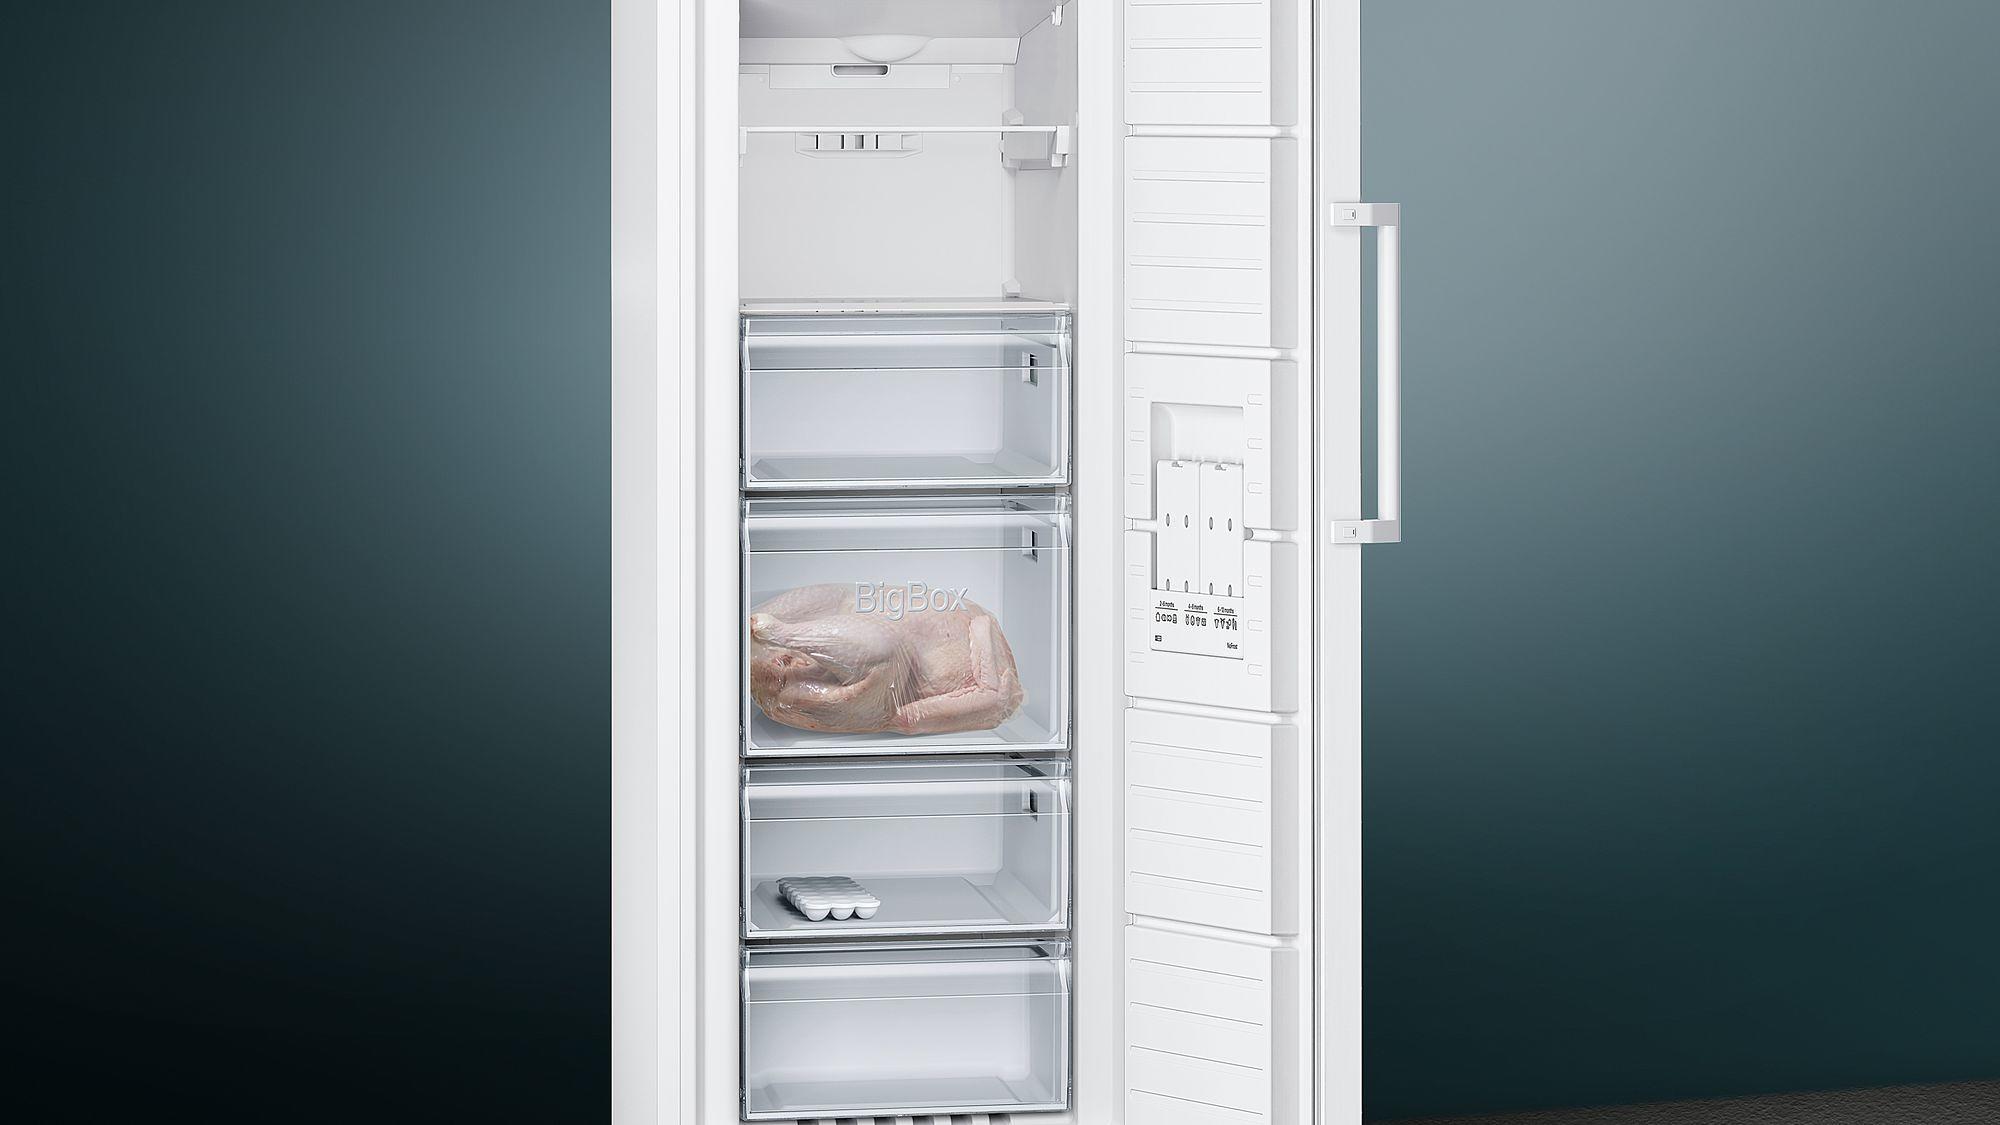 Siemens Kühlschrank Gefrierfach Abtauen : Siemens kühlschrank automatisch abtauen siemens kühlschrank